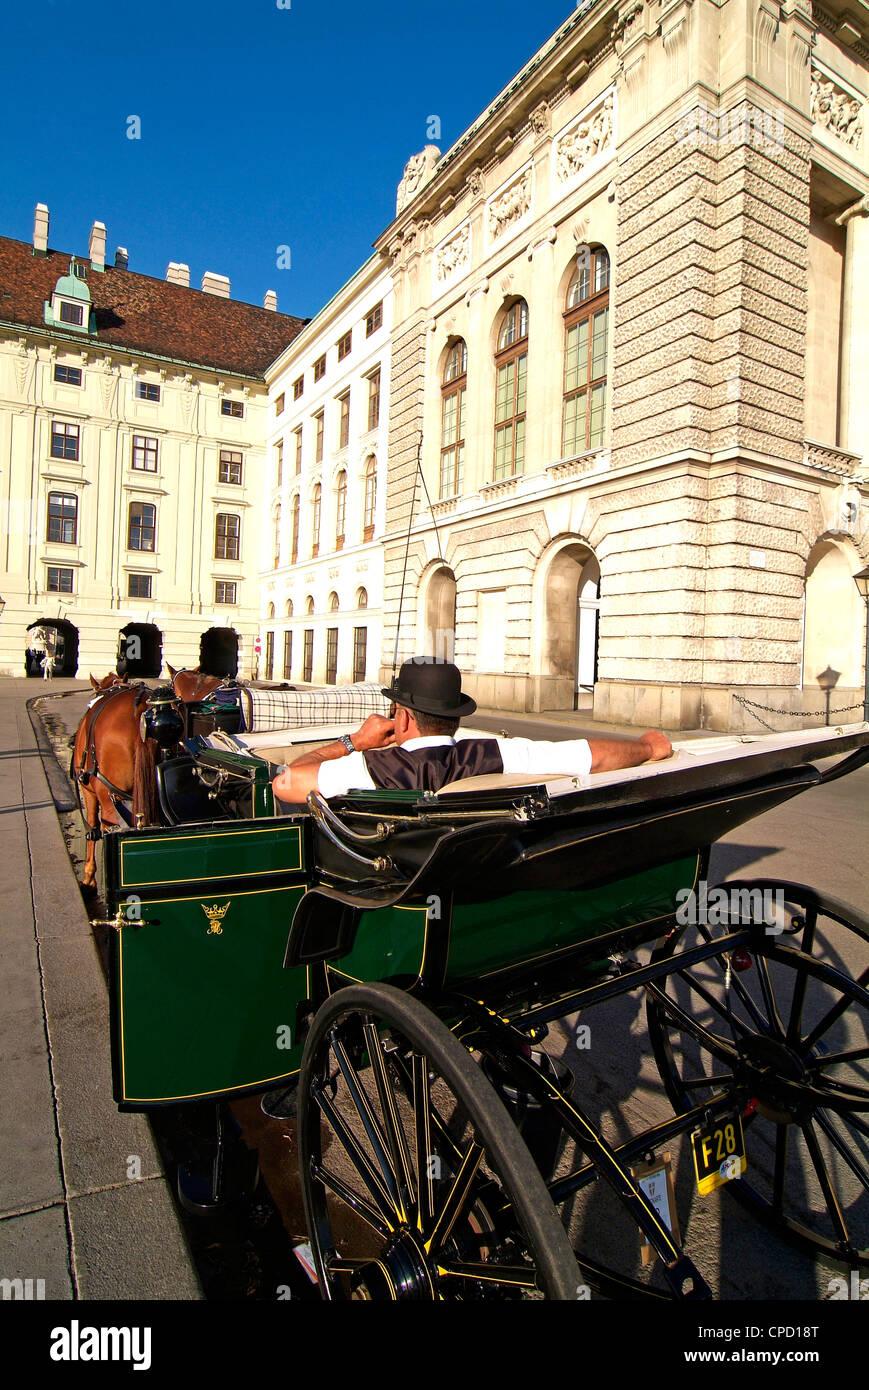 Balade en calèche à la Hofburg, Site du patrimoine mondial de l'UNESCO, Vienne, Autriche, Europe Photo Stock